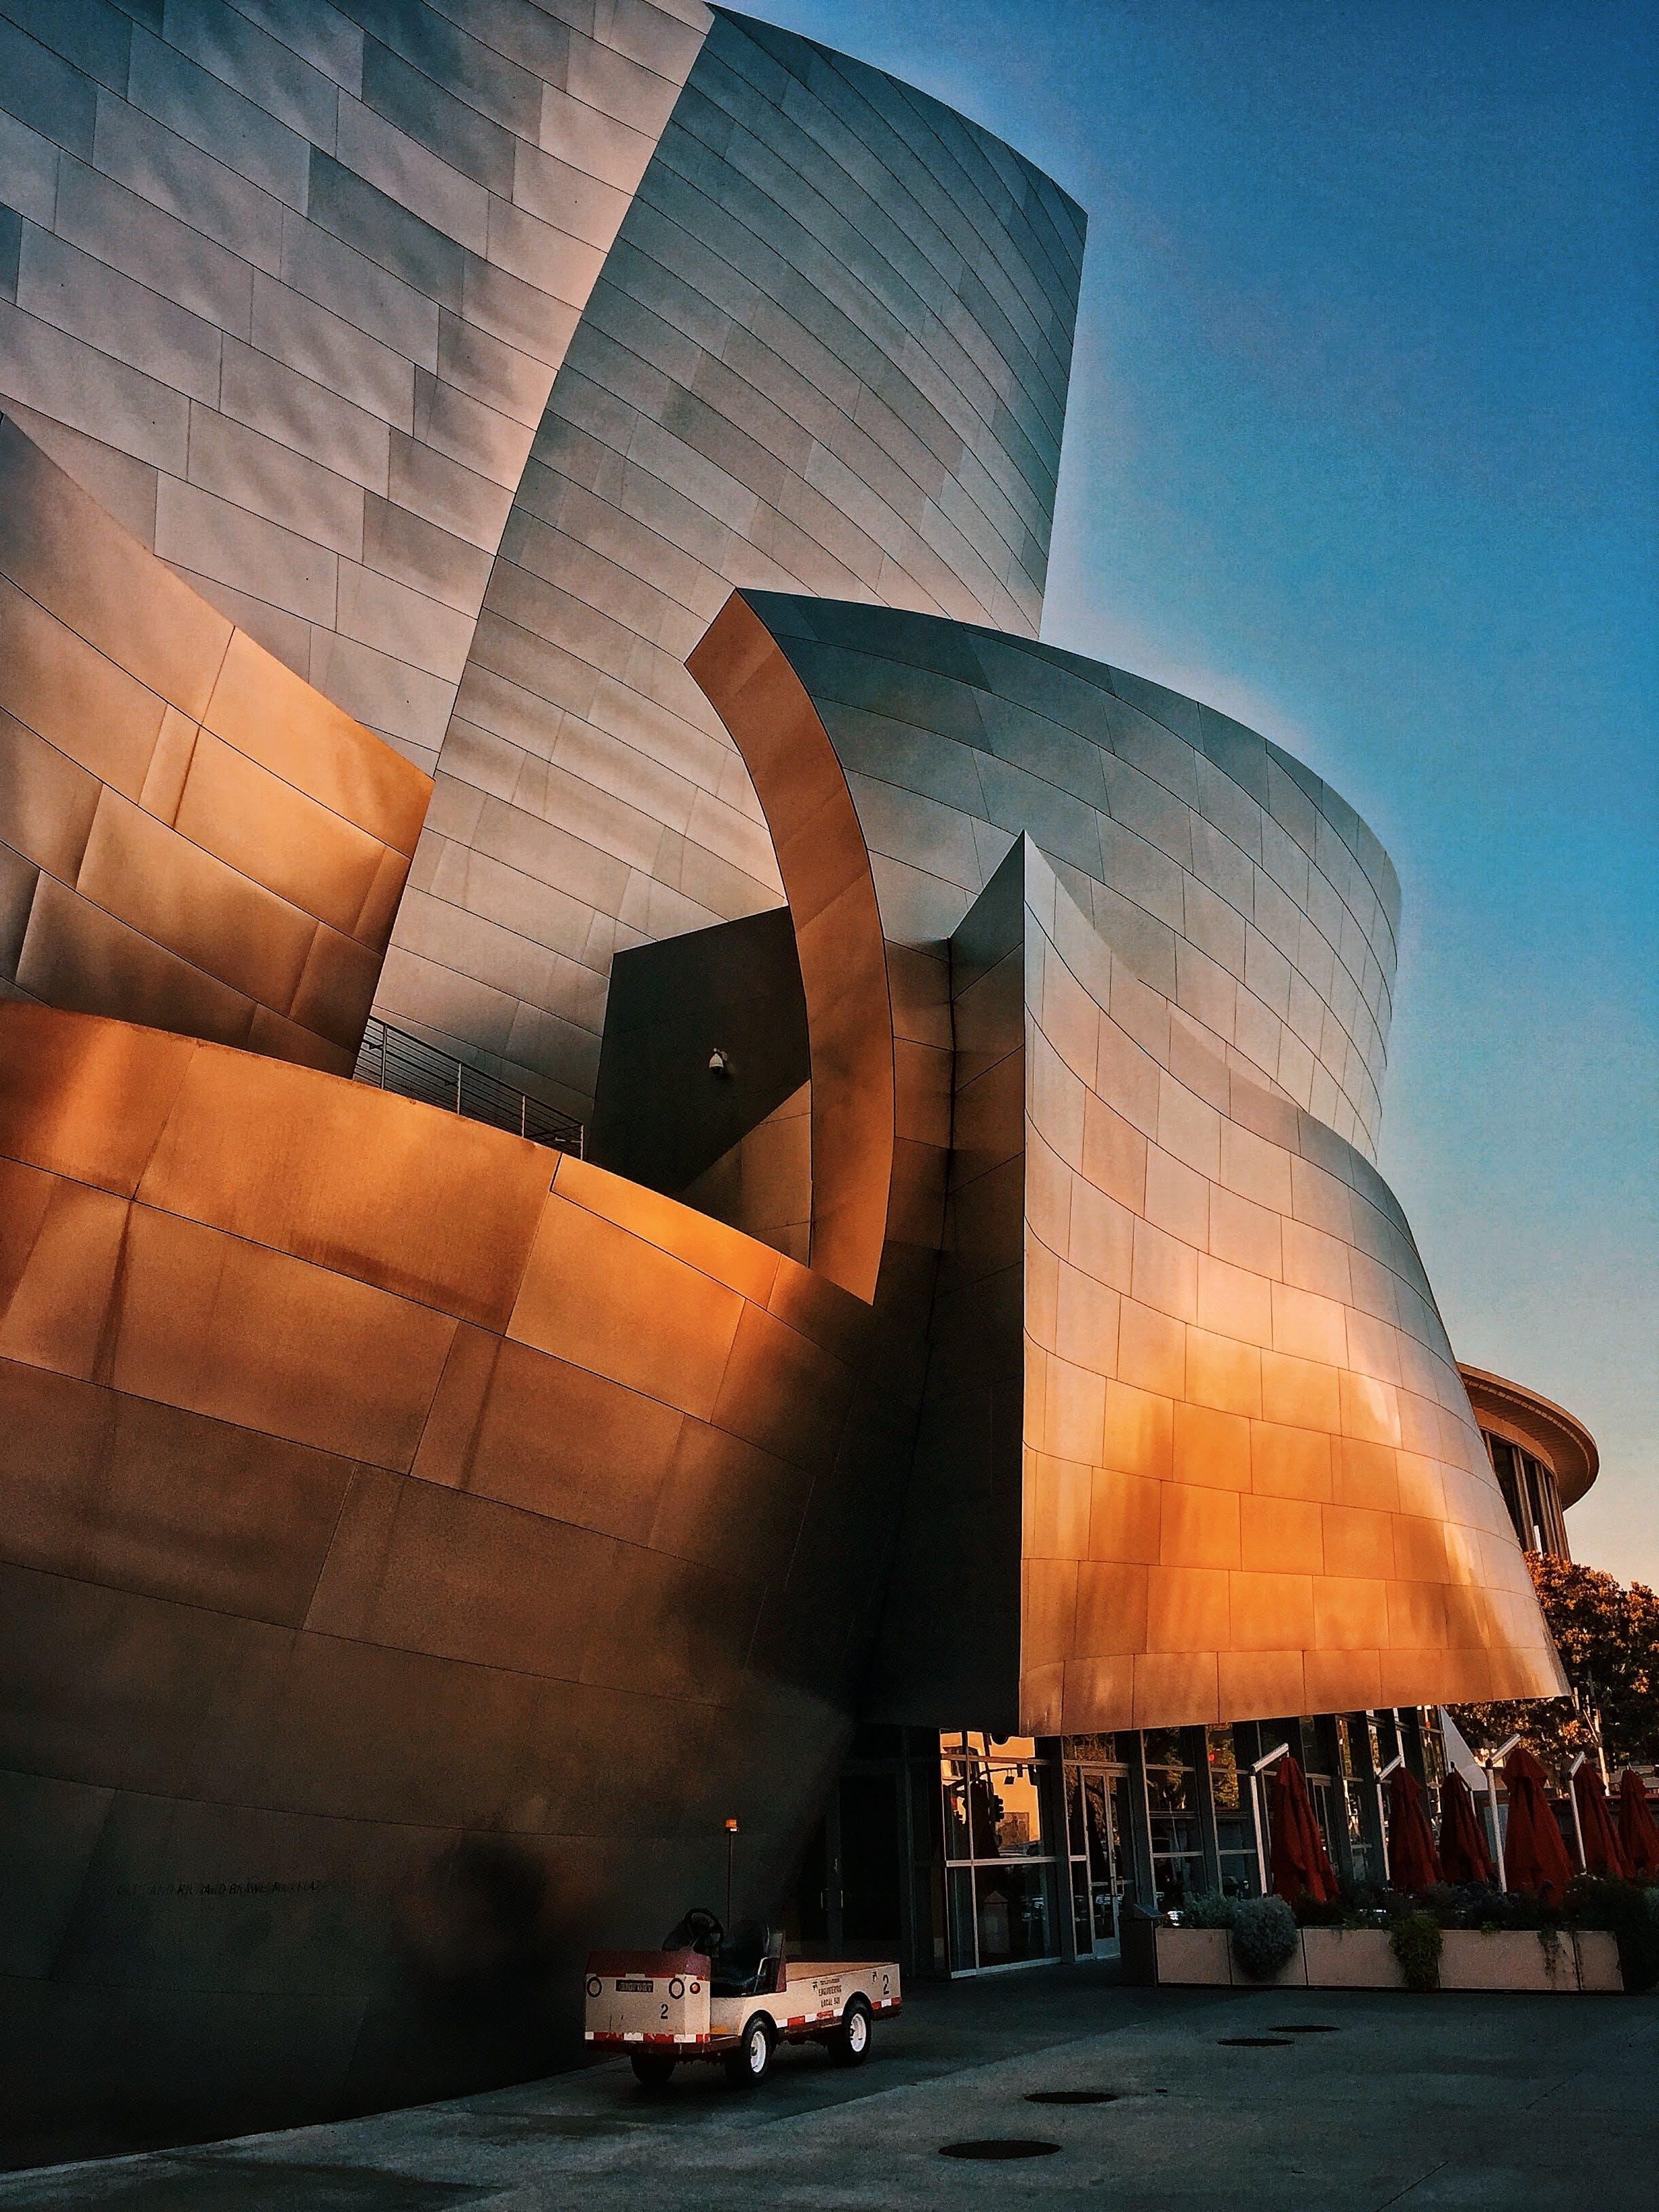 Kostenloses Stock Foto zu architektonisches detail, architektur, architekturdesign, blauer himmel